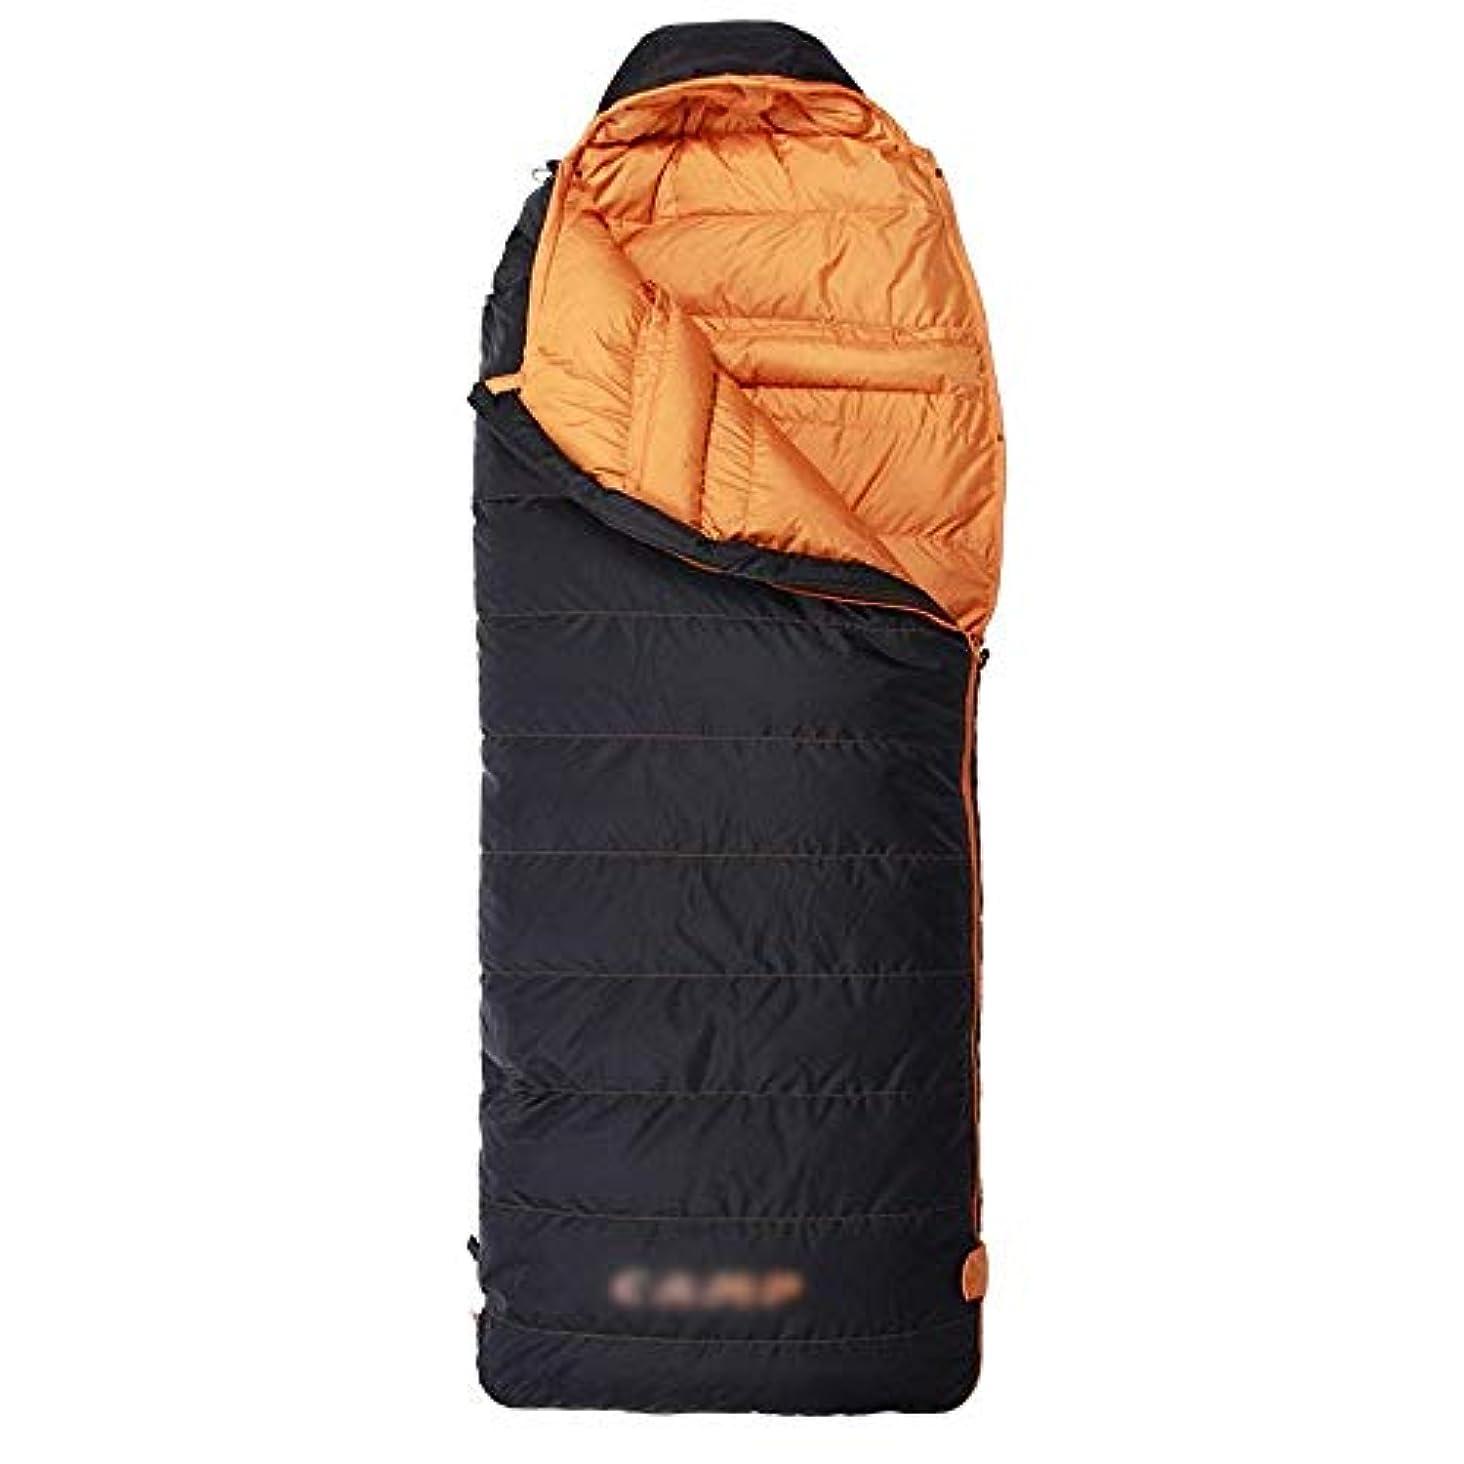 返還ハンサムスーパーマーケット軽量防水寝袋大人の通気性の暖かい寝袋3-4シーズンコットンパッドのための屋外旅行祭り理想的なキャンプ用品(色:黒)